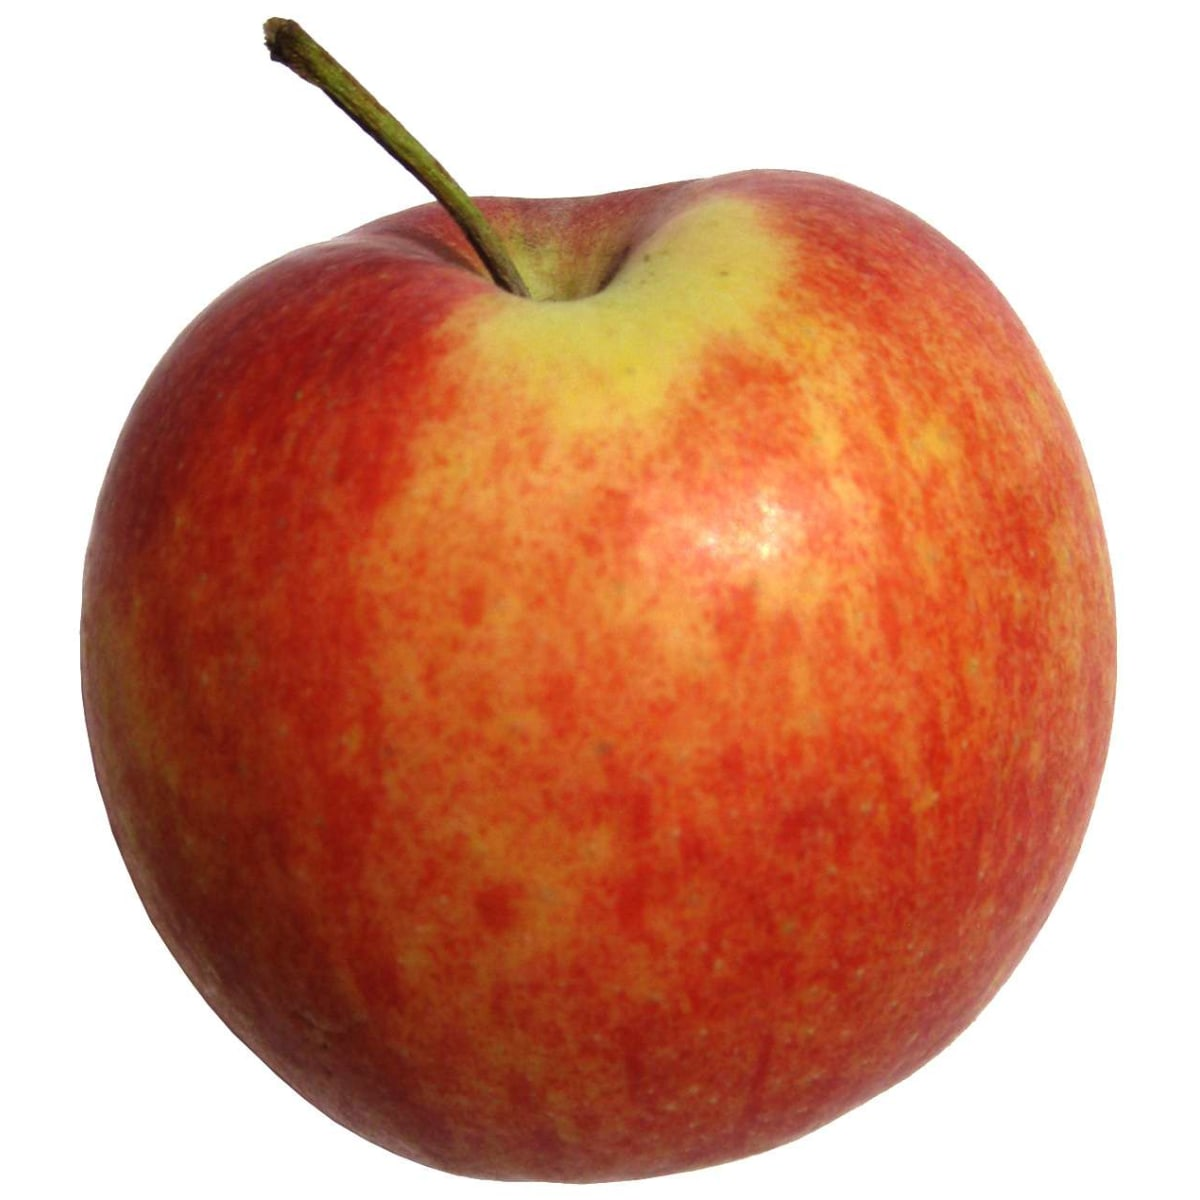 Gala Apfel Tirol ca. 1 Stk